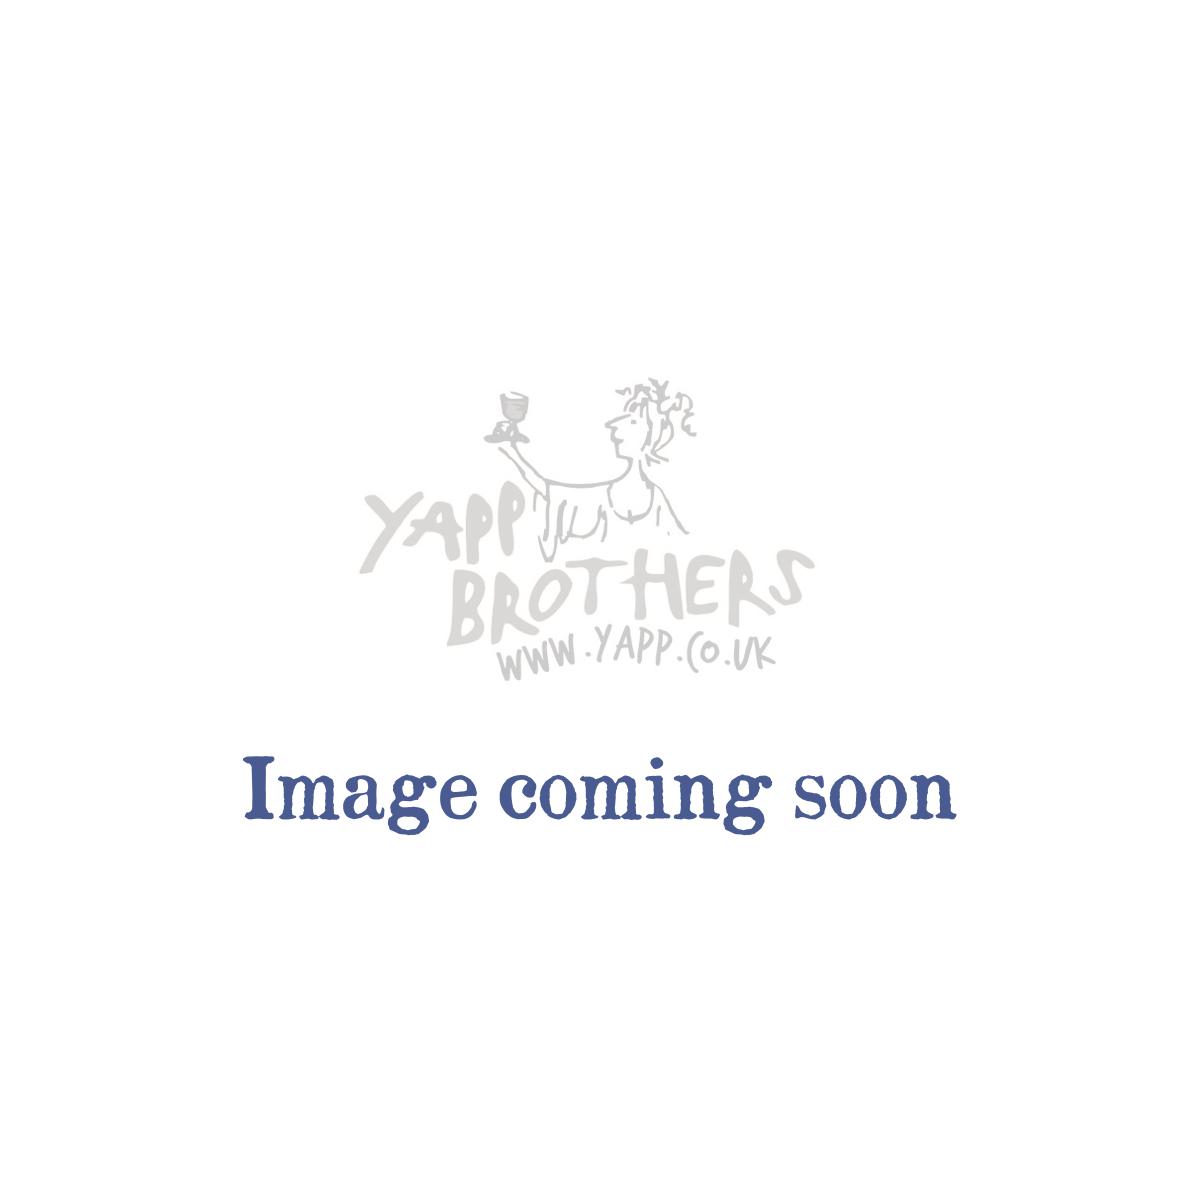 AOC Saint-Amour: Côte de Besset Domaine de Fa 2019 - Bottle Side Label